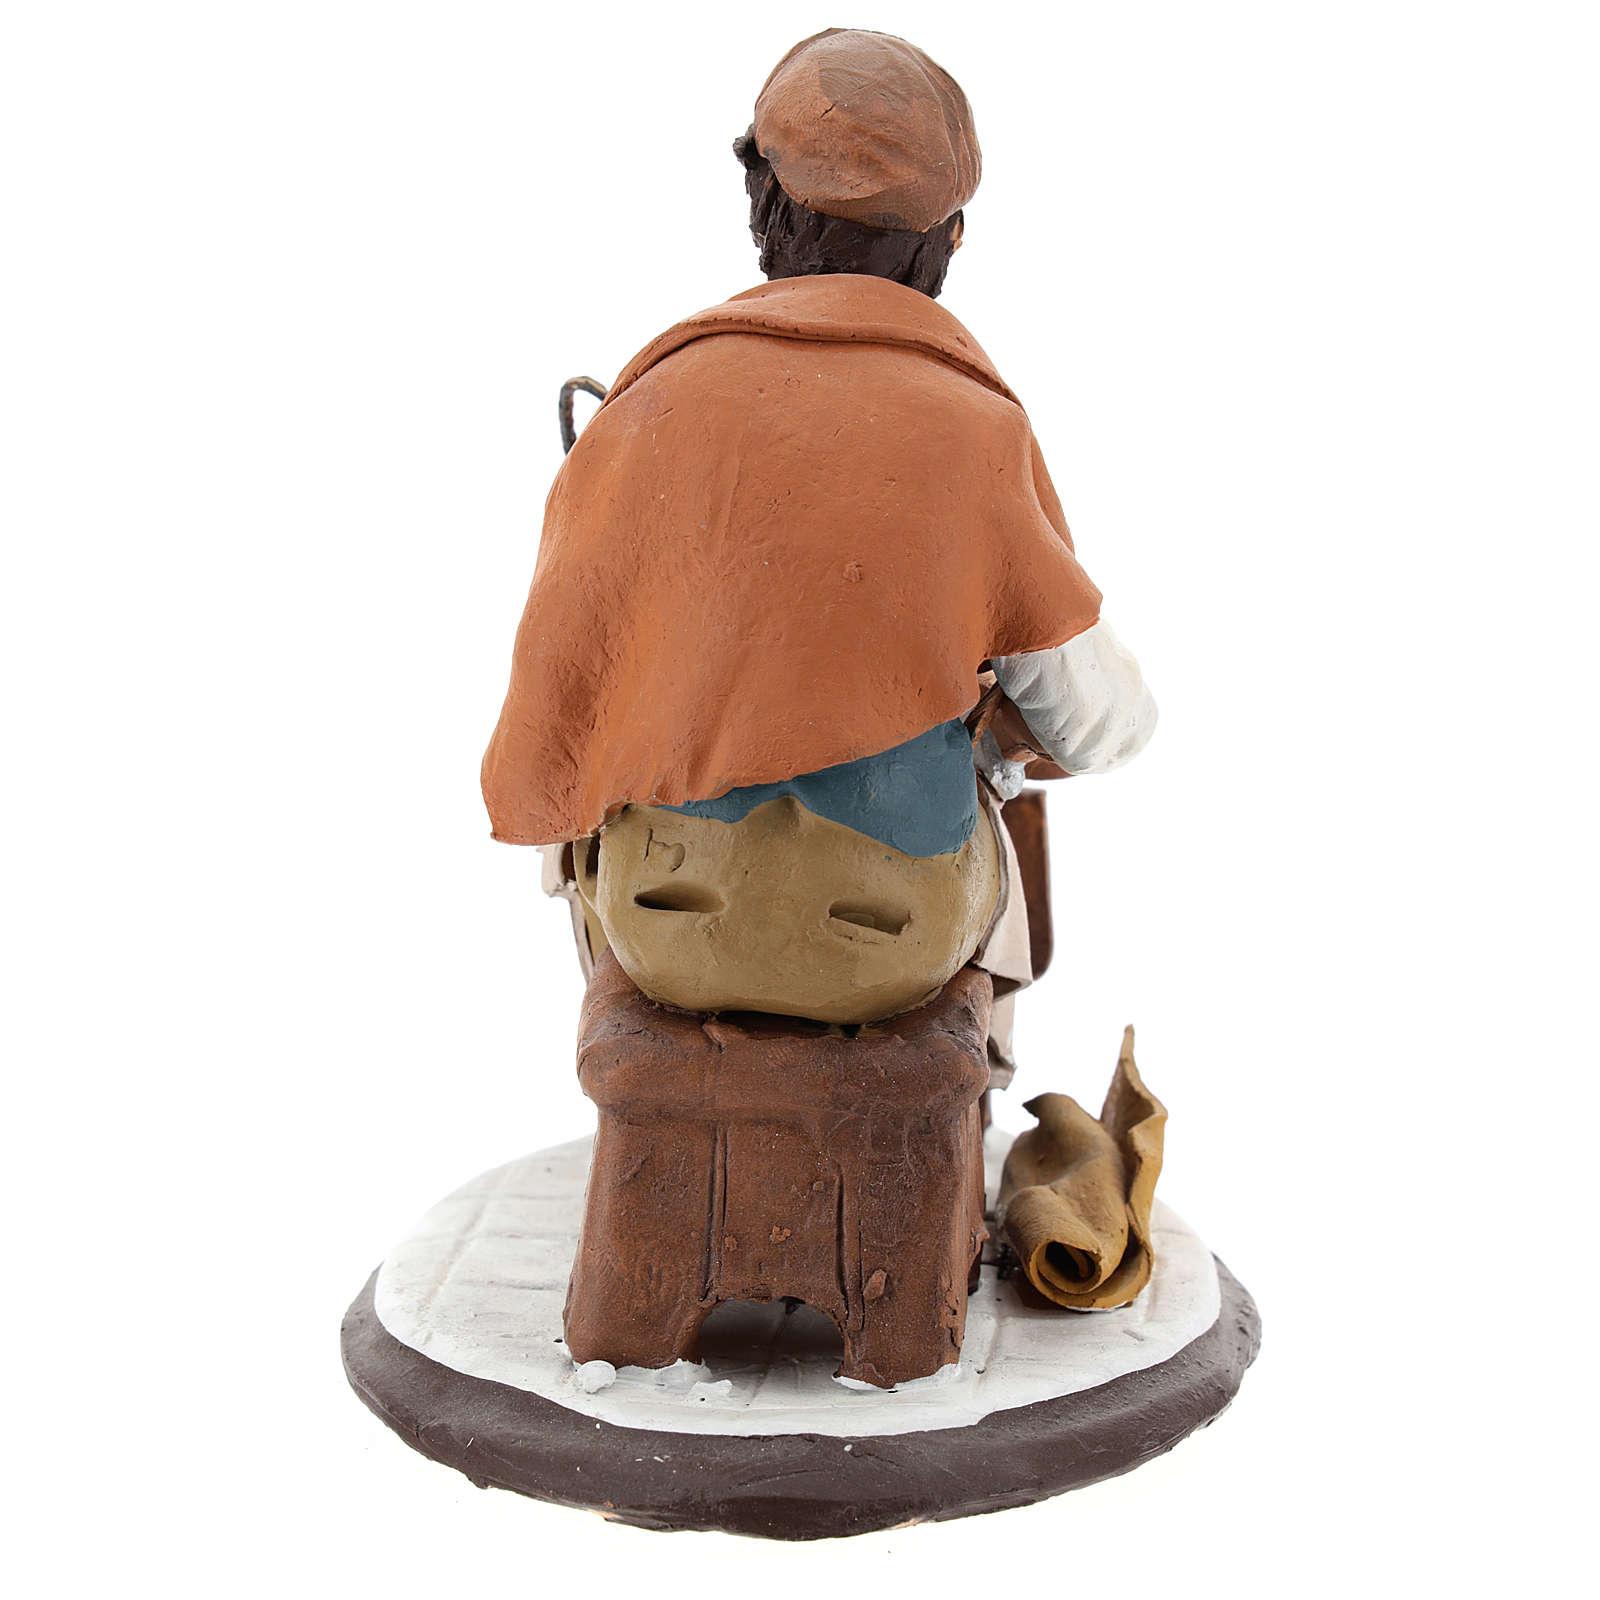 Santon crèche de Noël cordonnier 18cm 4